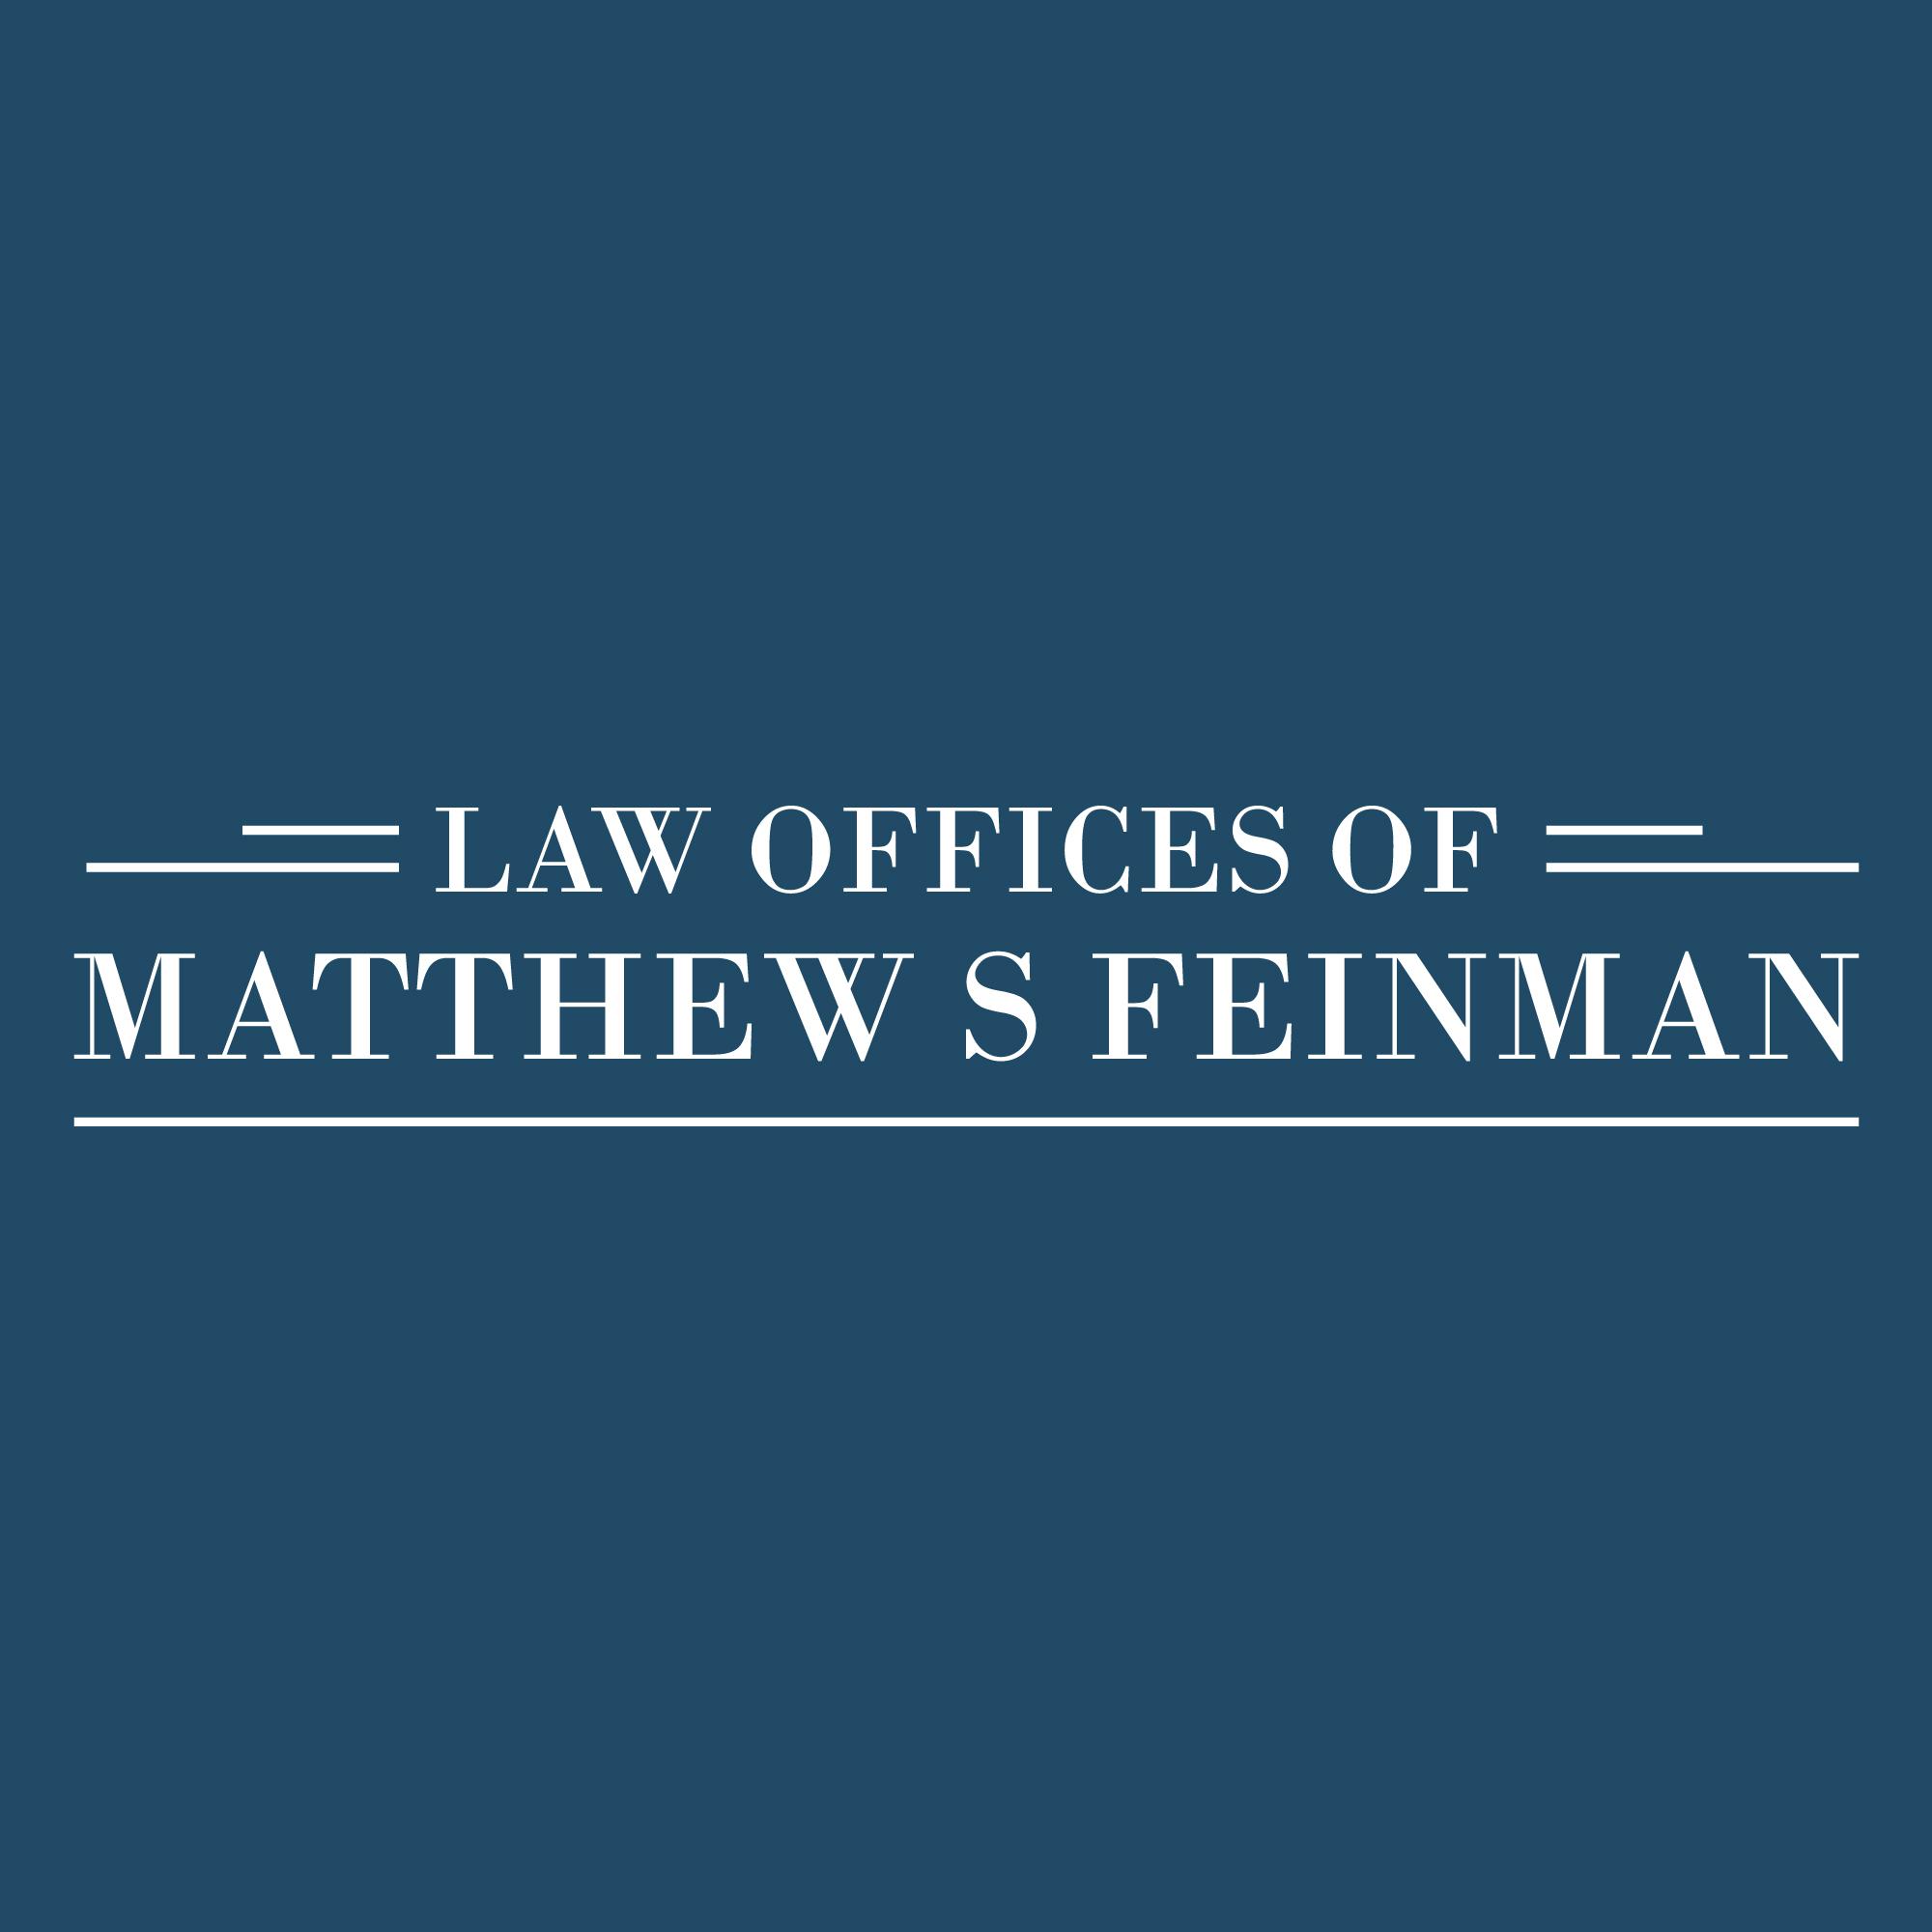 Law Offices of Matthew S Feinman